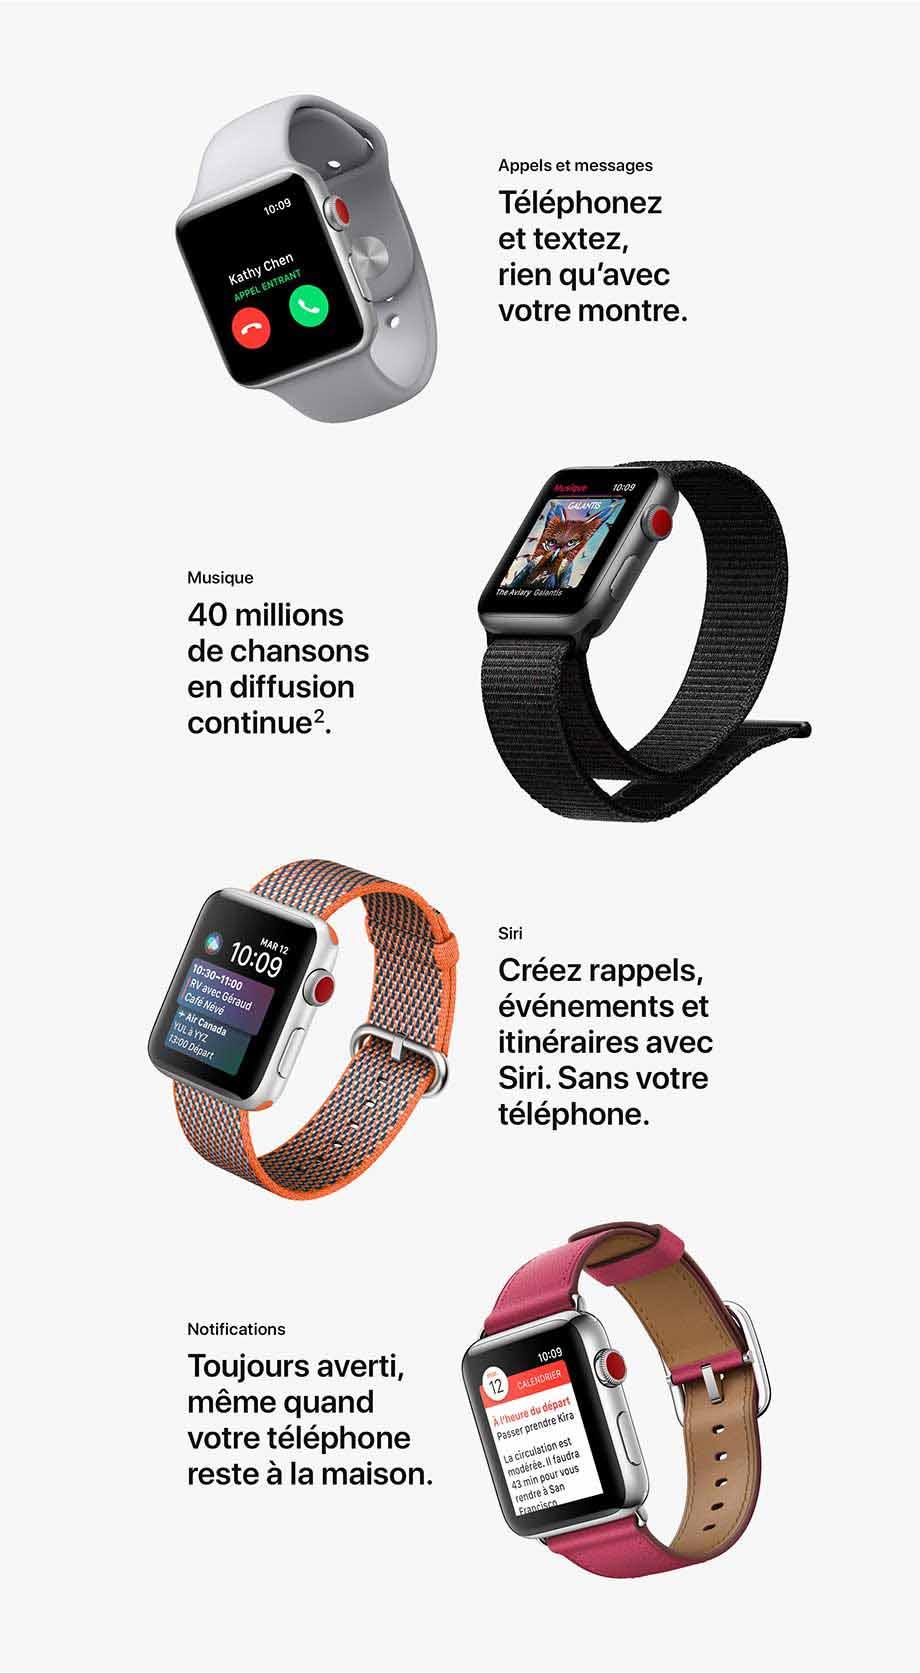 Appels et messages, Musique, Siri, Notifications